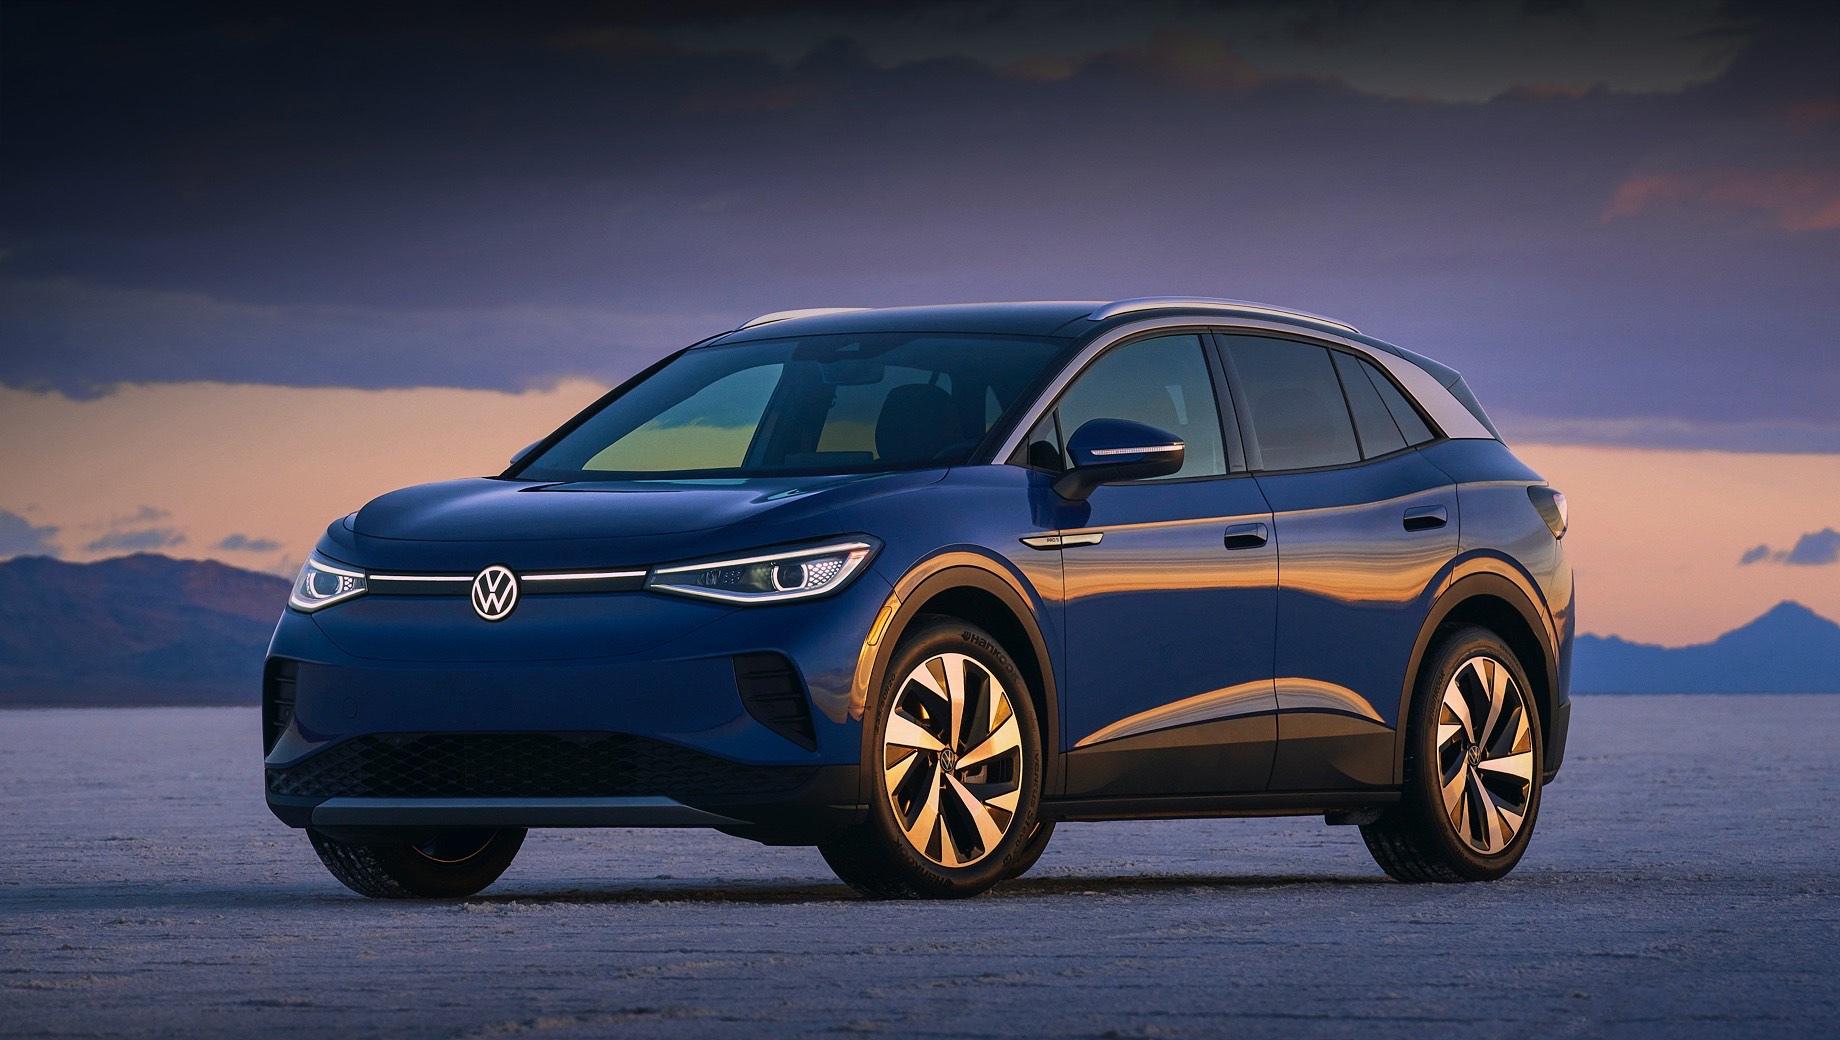 Volkswagen id 4. Volkswagen ID.4 только начал свой путь. В Европе продажи начались в конце прошлого года и до конца 2020-го удалось реализовать 4810 машин. А на конец февраля 2021-го количество заказов на электрокар превысило 23,5 тысячи. В США поставки начались в прошедшем марте.